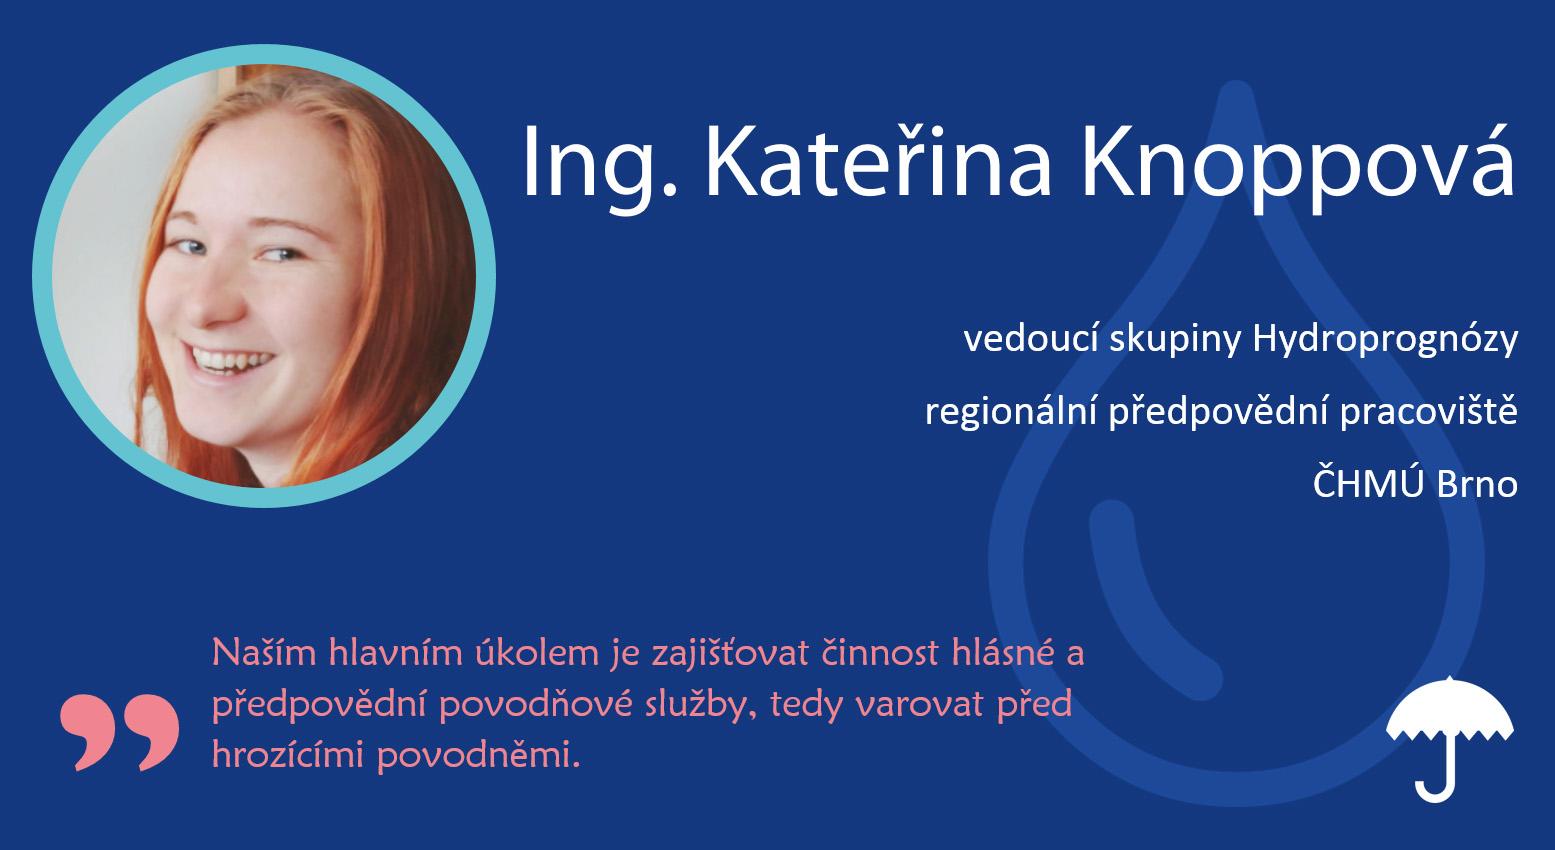 Rozhovor: Katka Knoppová – vedoucí skupiny Hydroprognózy na pobočce Brno8 min čtení